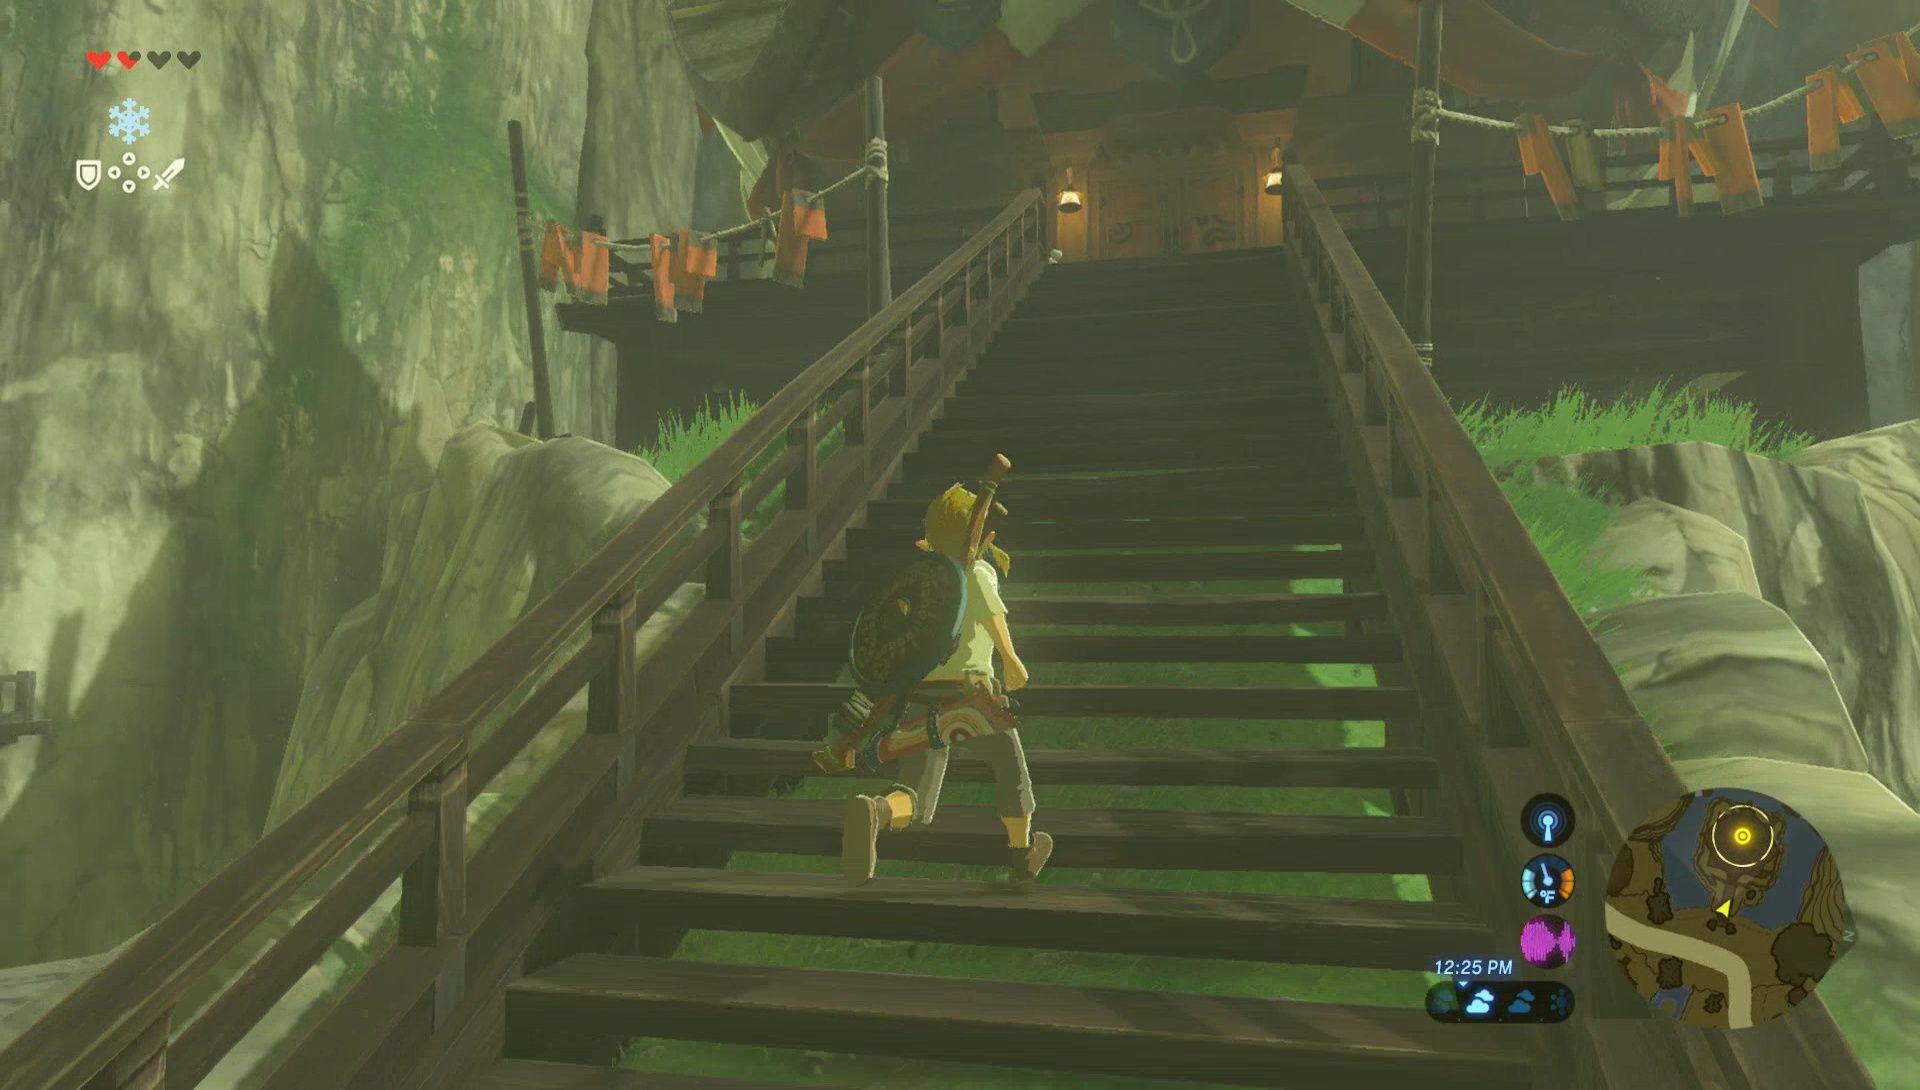 Breath Of The Wild Walkthrough Dueling Peaks Zelda Dungeon